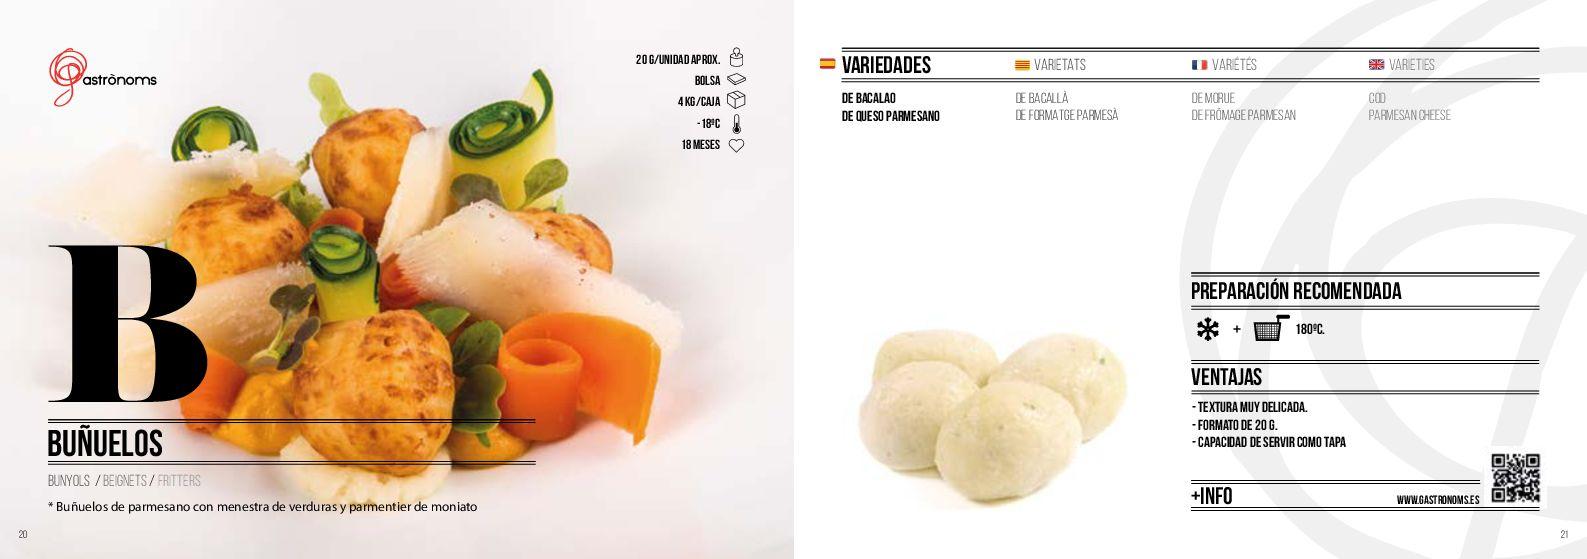 gastronoms - Pàg. 011